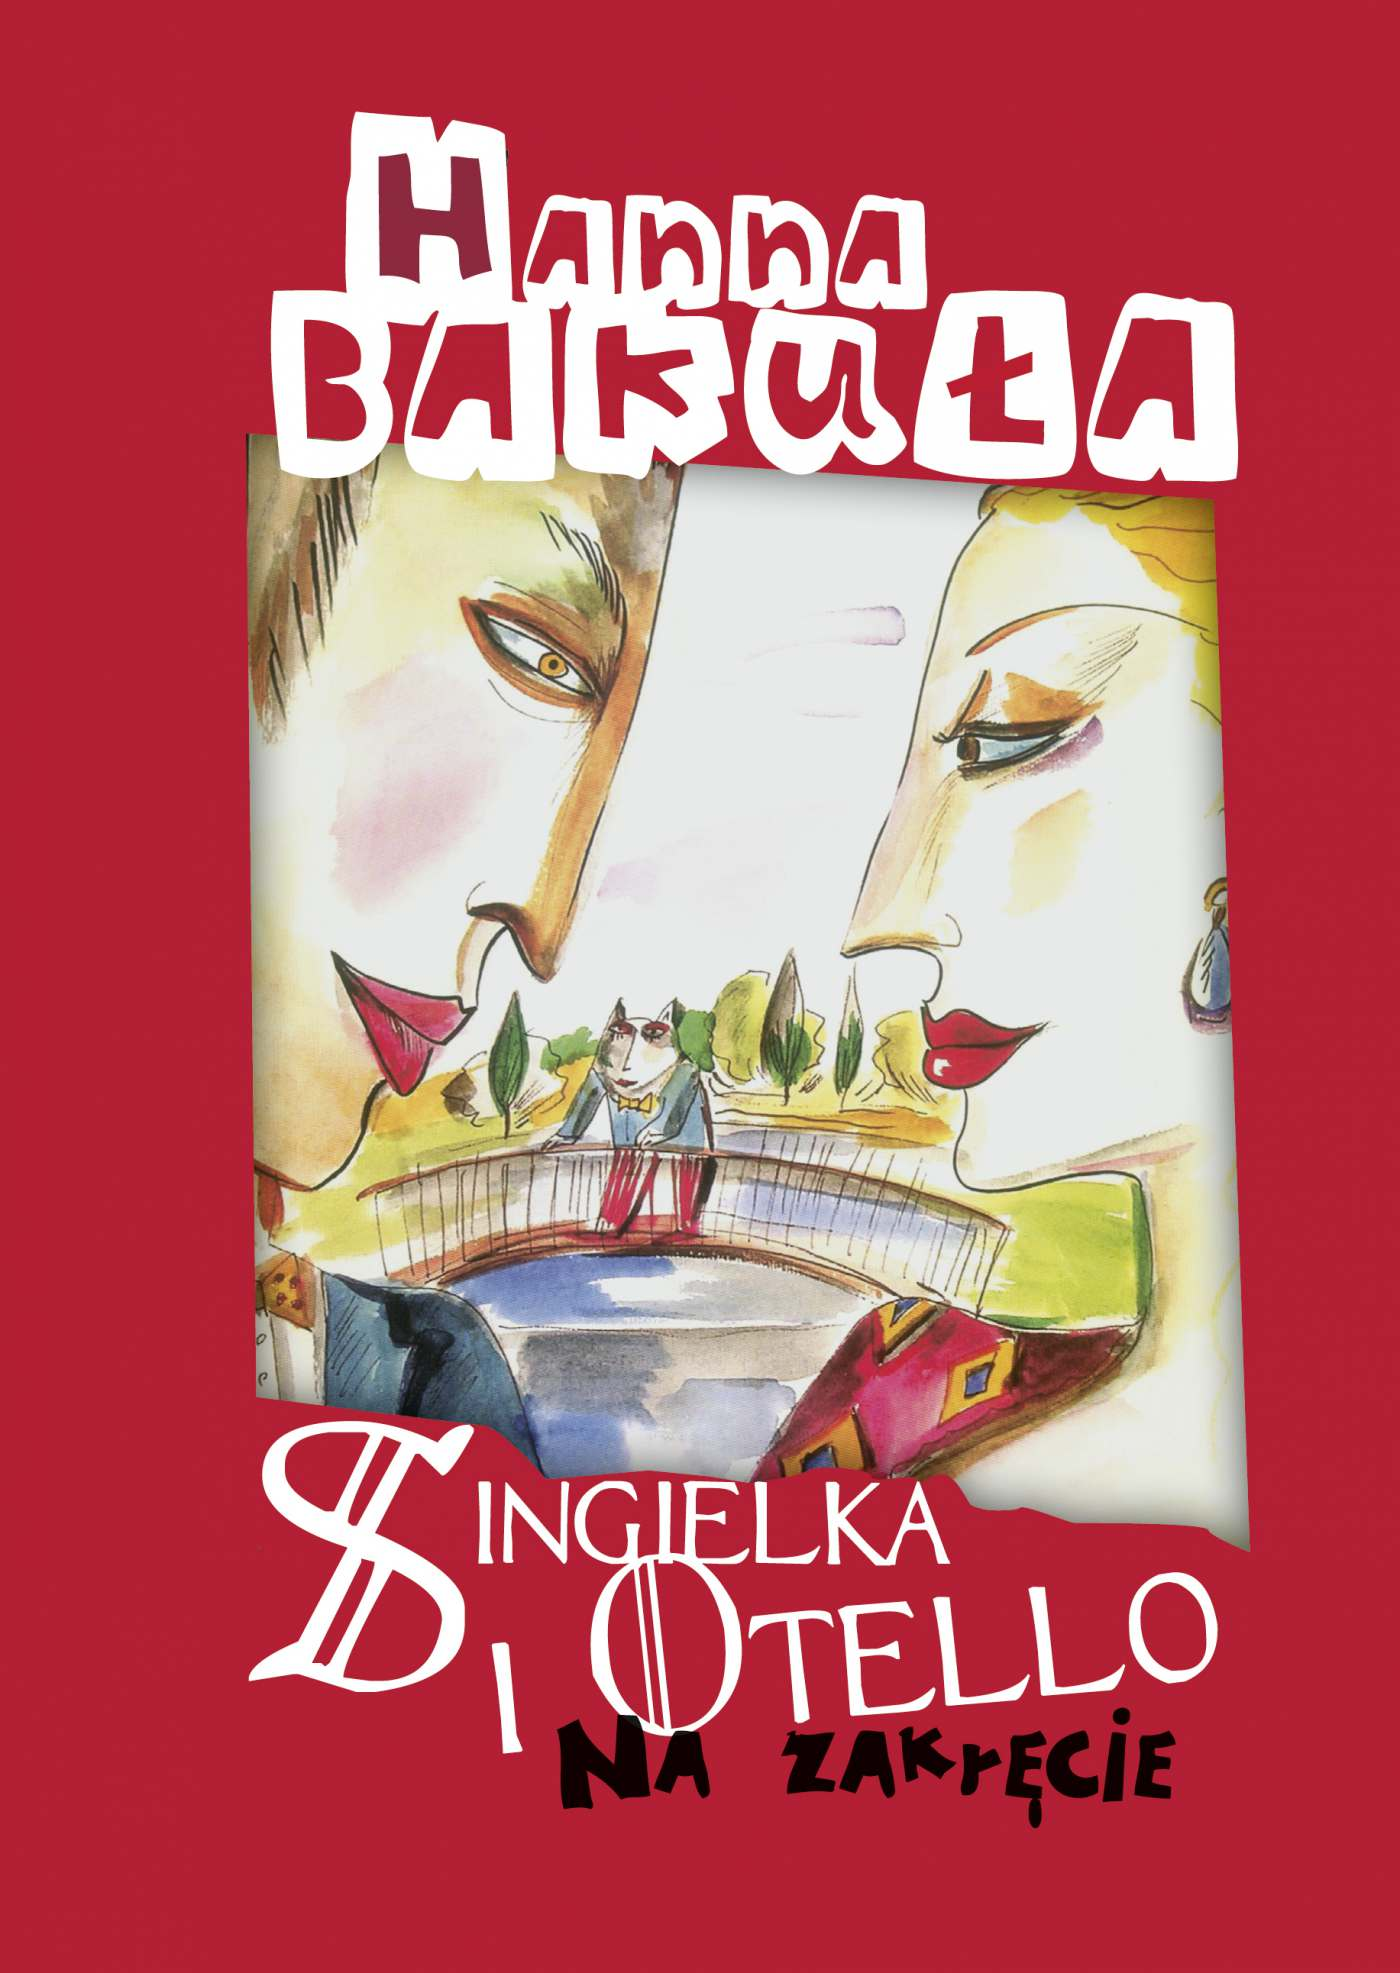 Singielka i Otello - Ebook (Książka EPUB) do pobrania w formacie EPUB